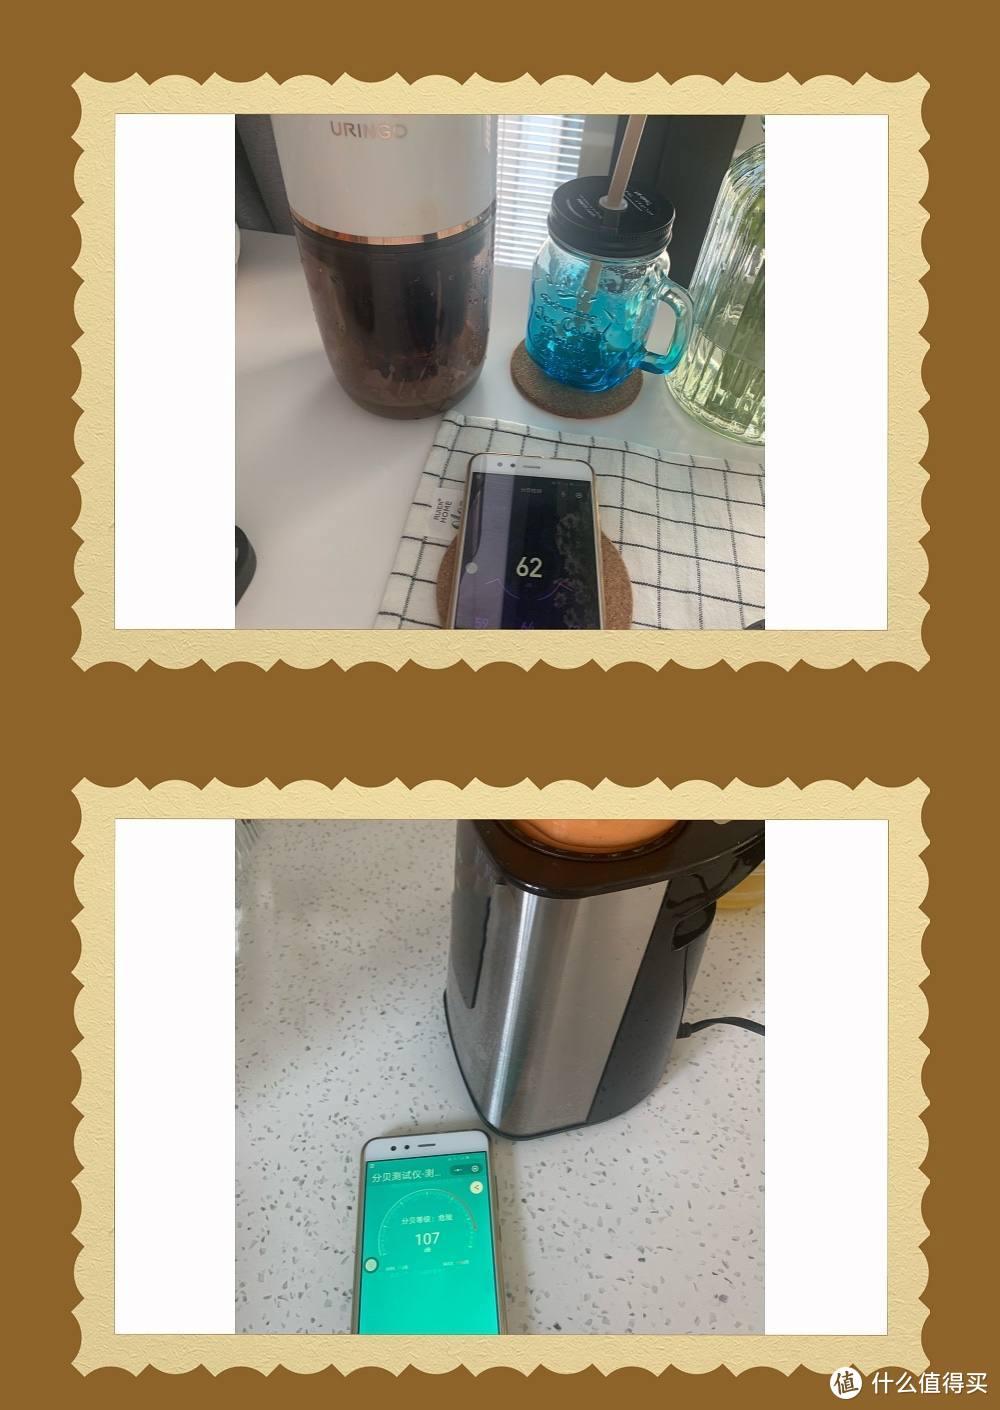 清新夏日,从一杯果蔬汁开始。原汁机、榨汁机、破壁机应该怎么选?一文深剖析,并附一周果蔬汁食谱